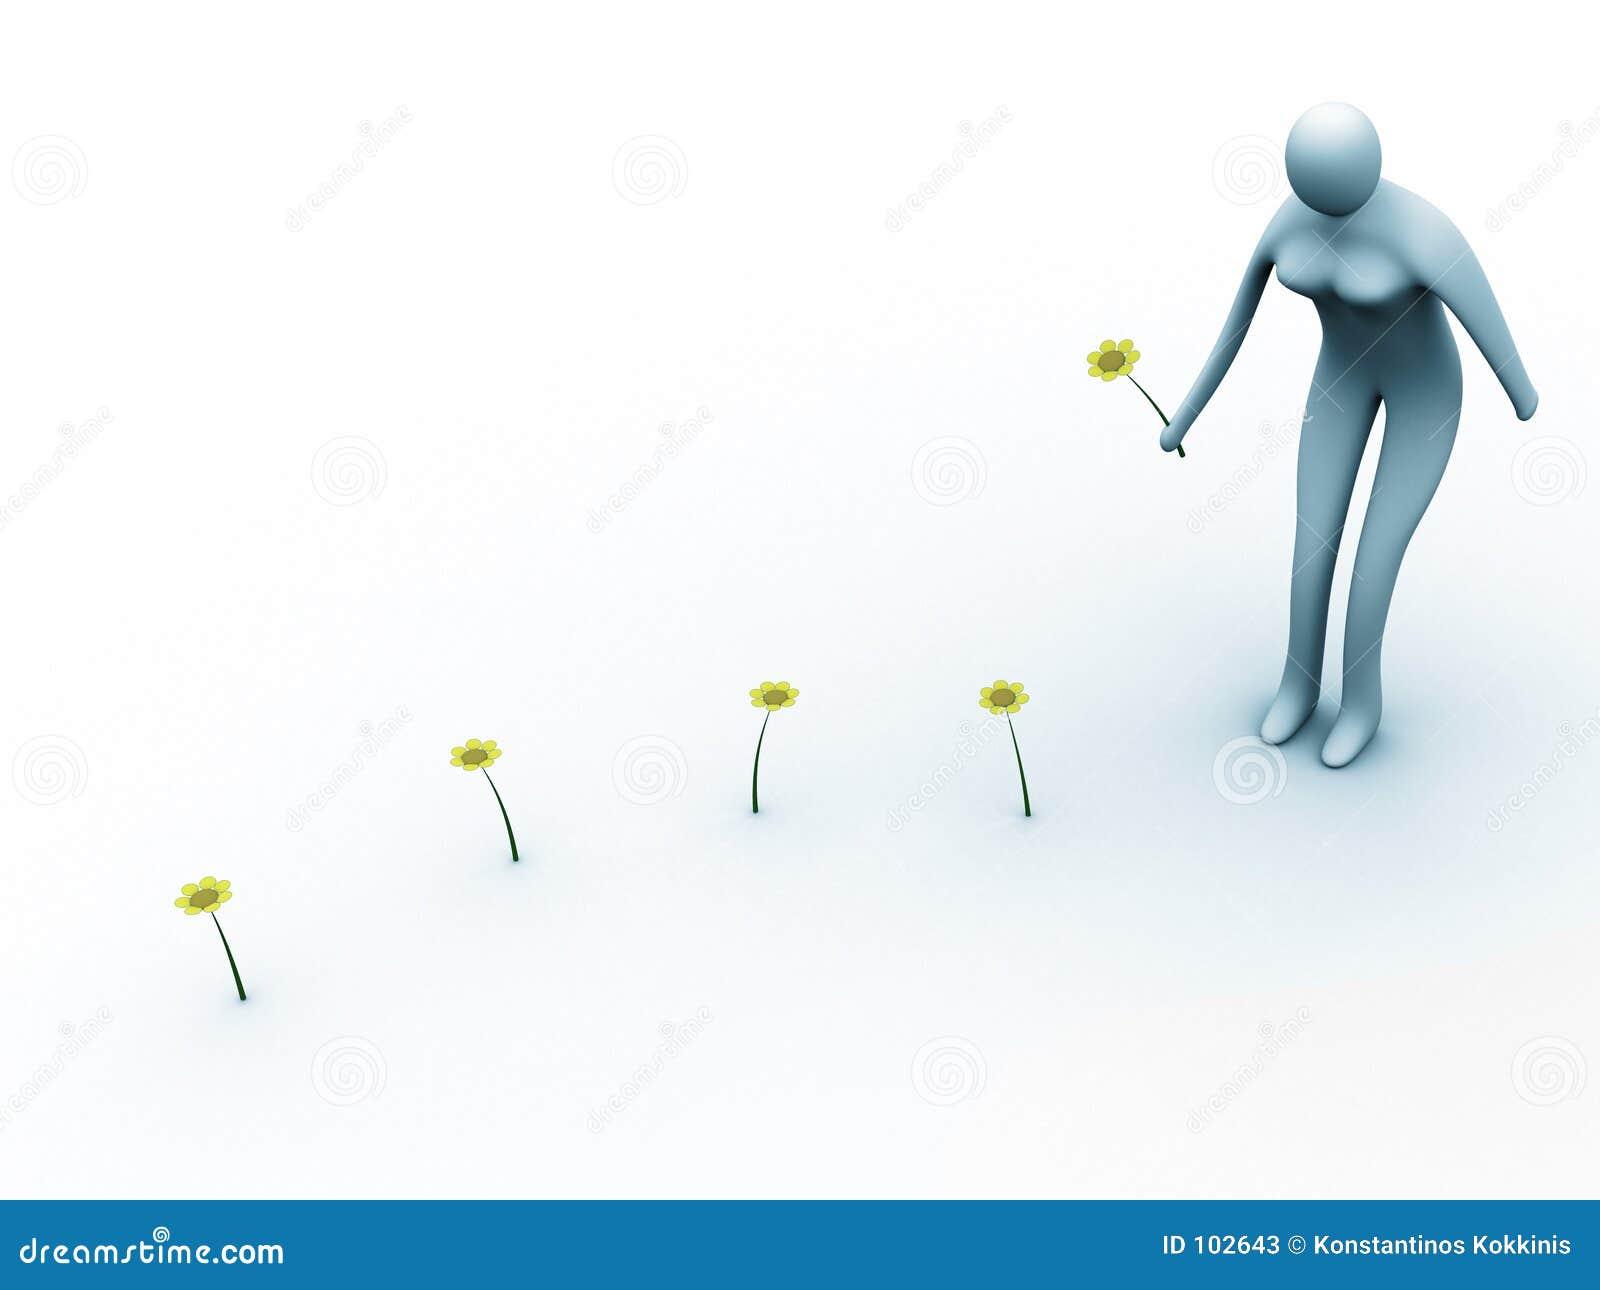 Coletando flores